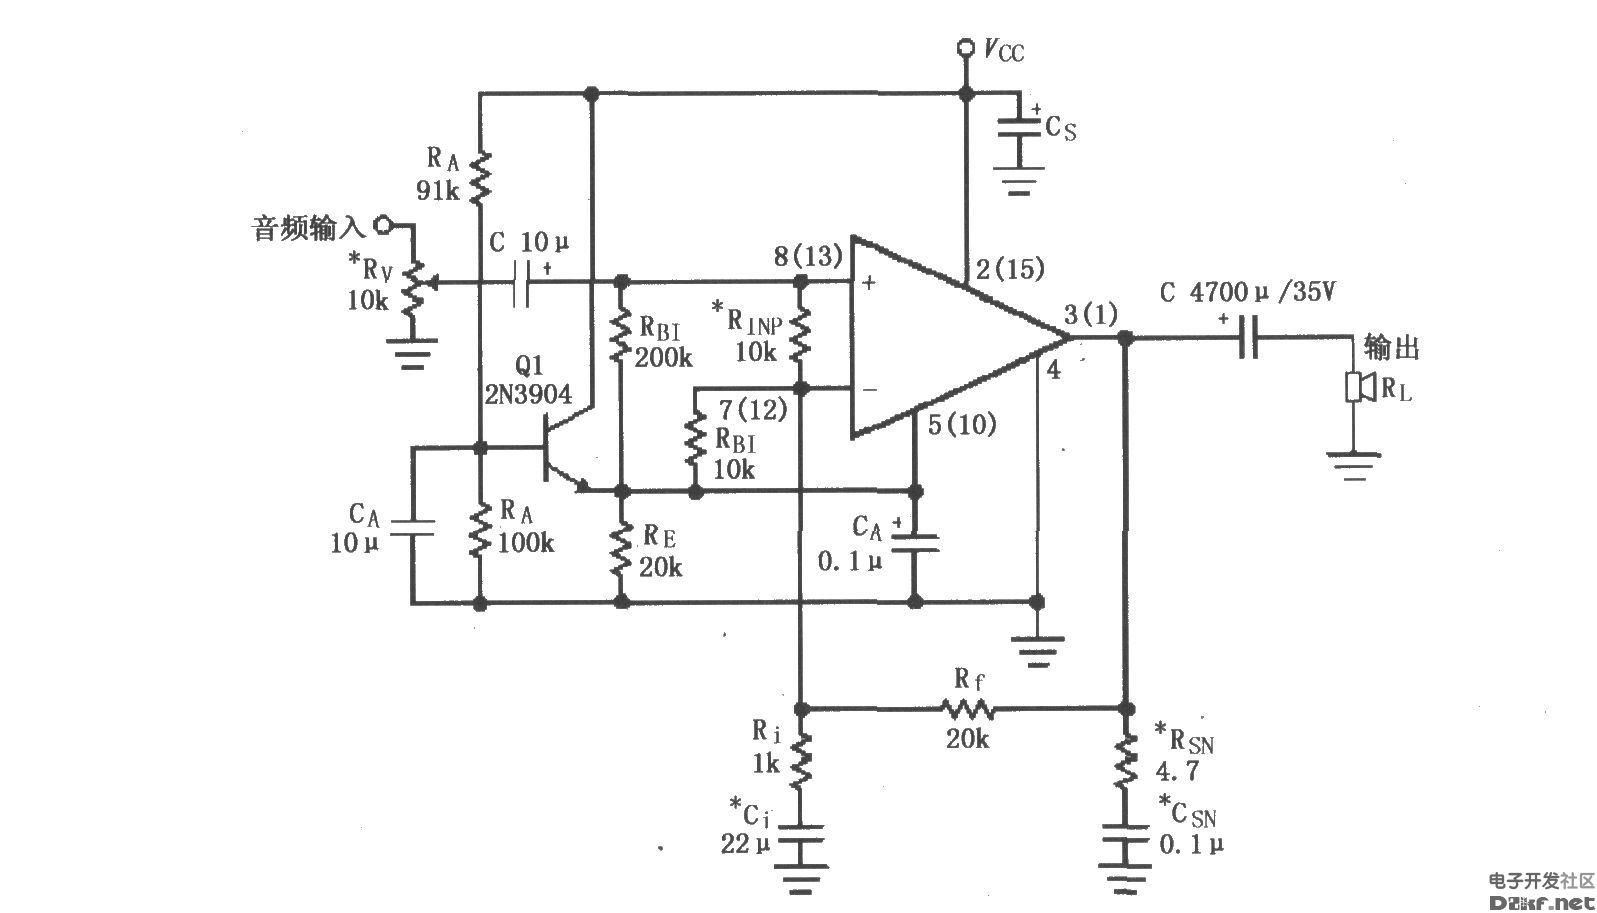 供电音频功率放大电路